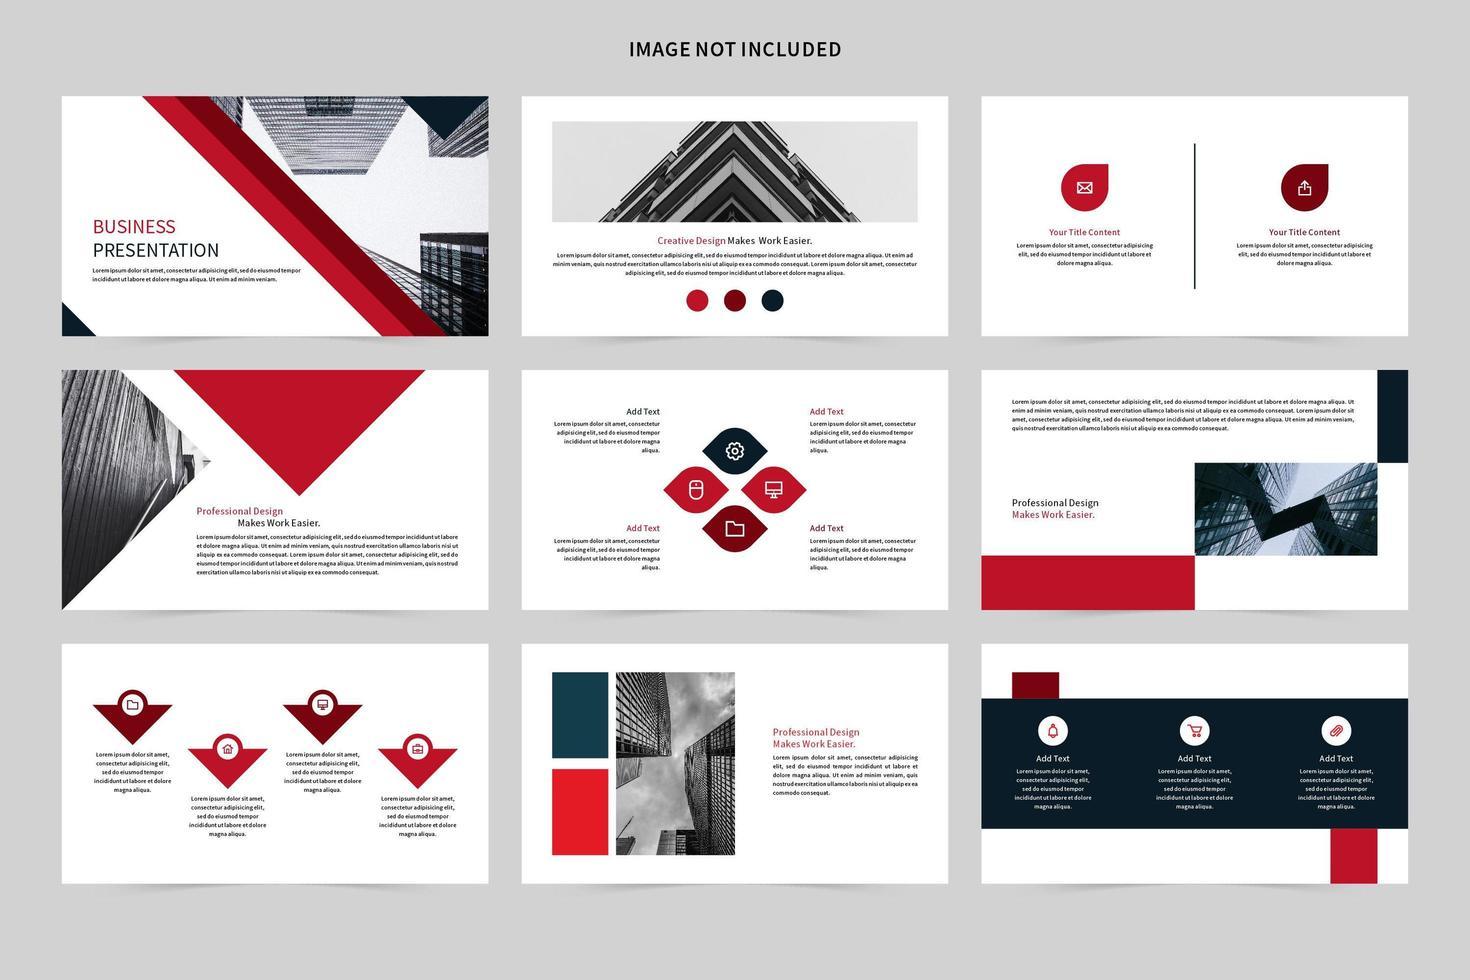 ensemble de présentation d'entreprise rouge, blanc et noir vecteur